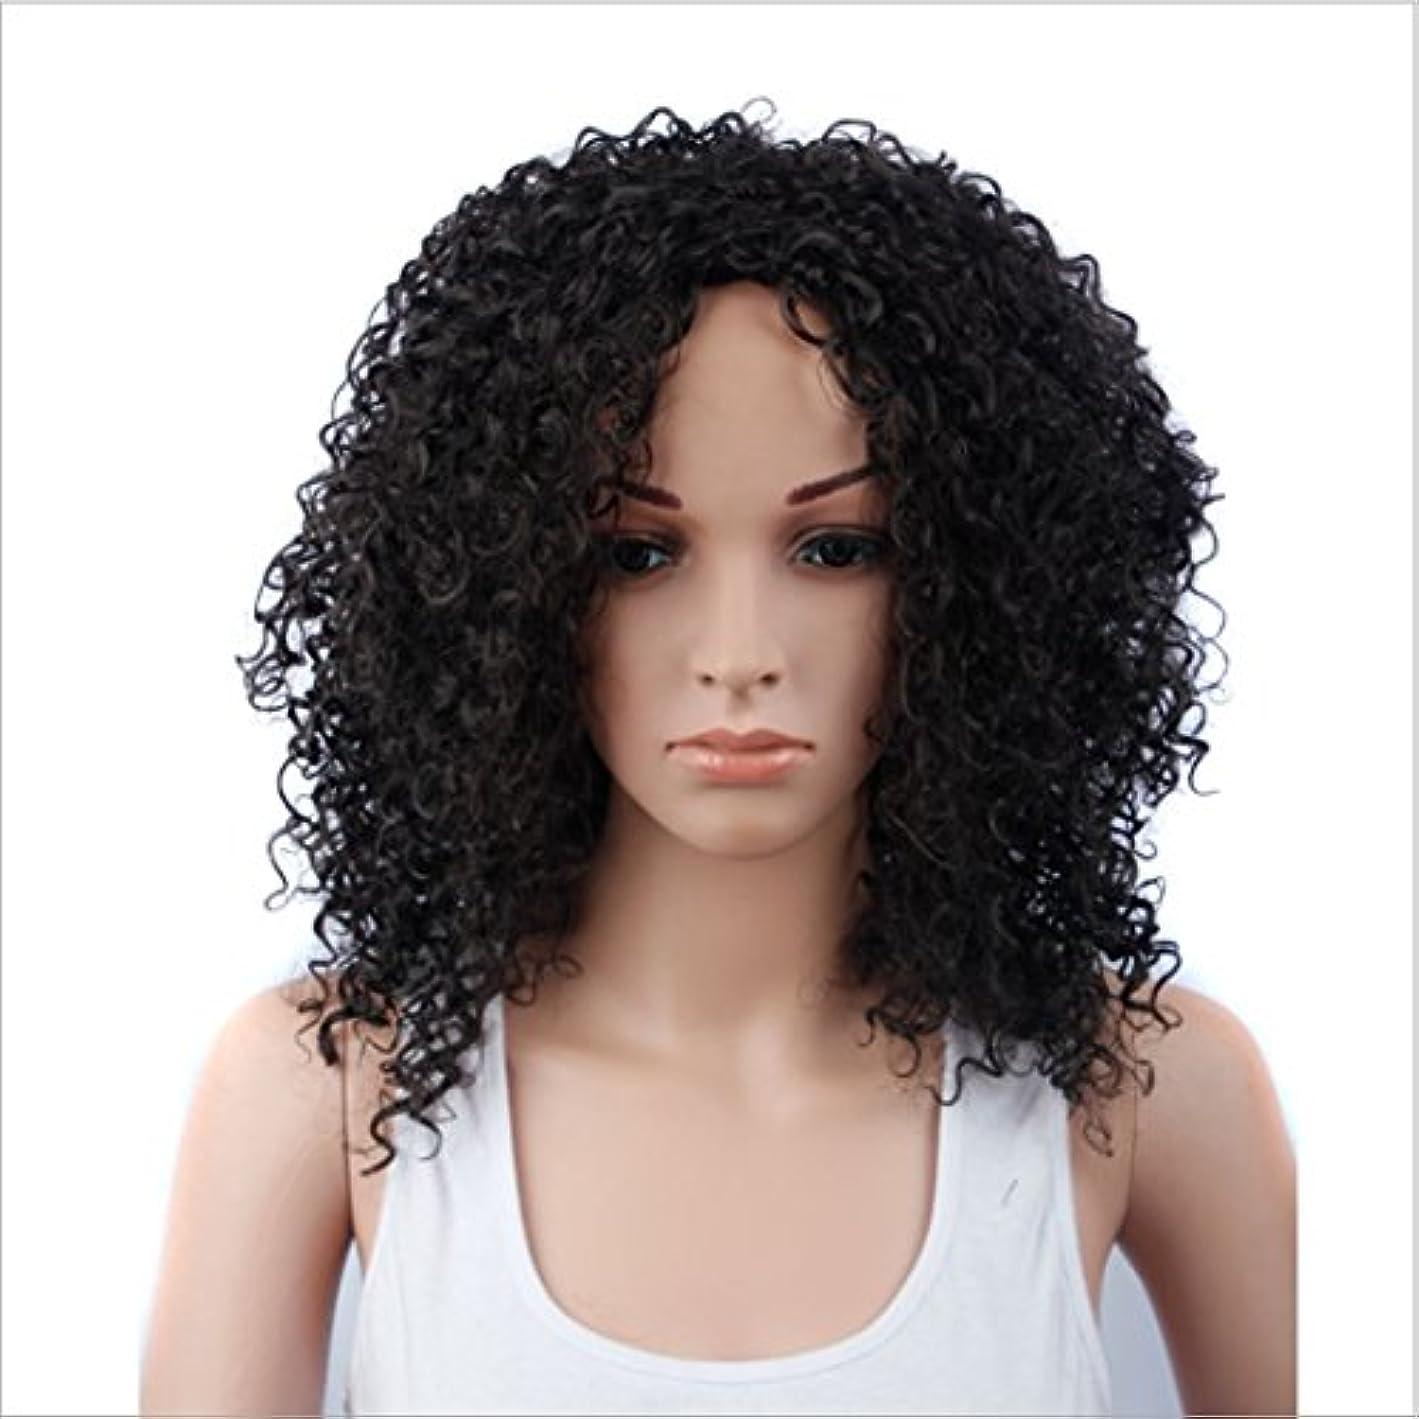 ルーム共産主義防止JIANFU 女性のための15inch合成高温ウィッグロングバンズの短いカーリーウィッグヘアナチュラルカラーウィッグ耐熱性210g(ワインレッド、ブラック) (Color : ブラック)